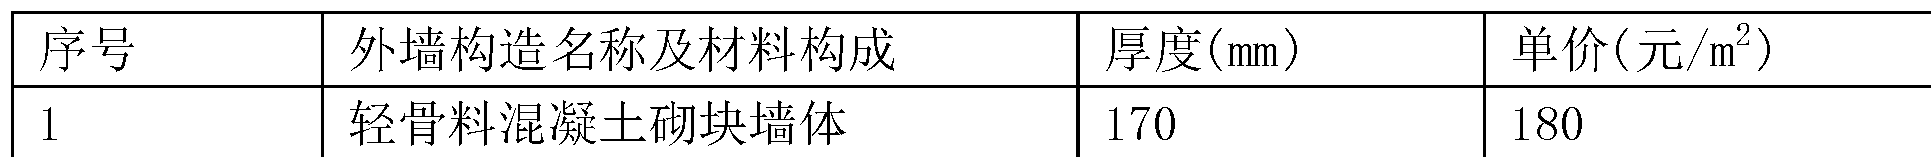 Figure CN104358341BD00142